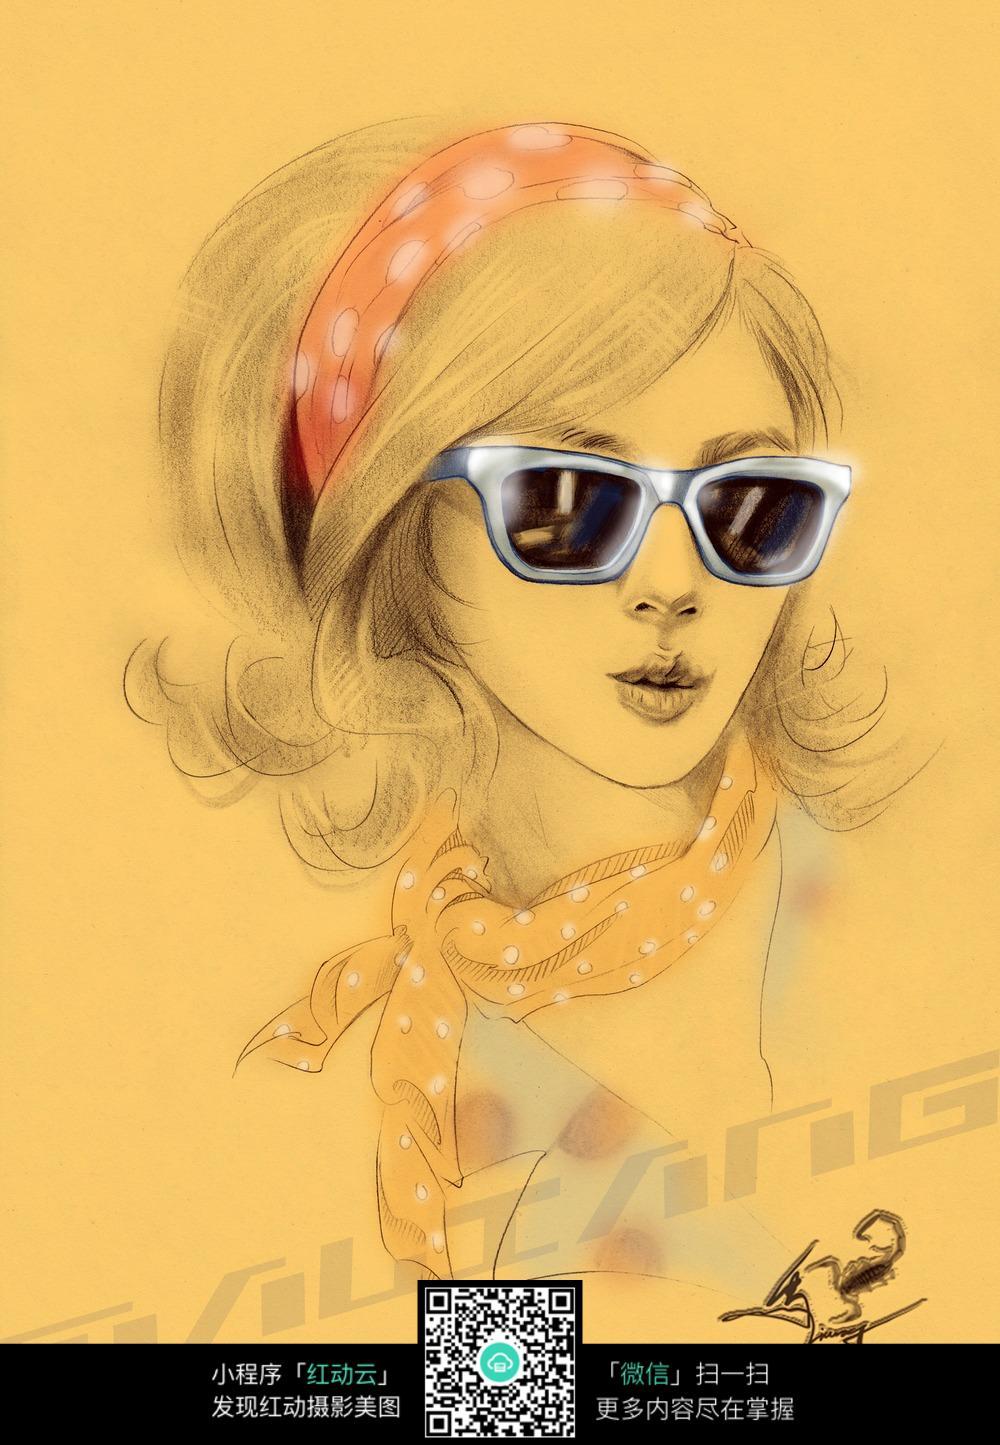 戴墨镜的女孩素描画